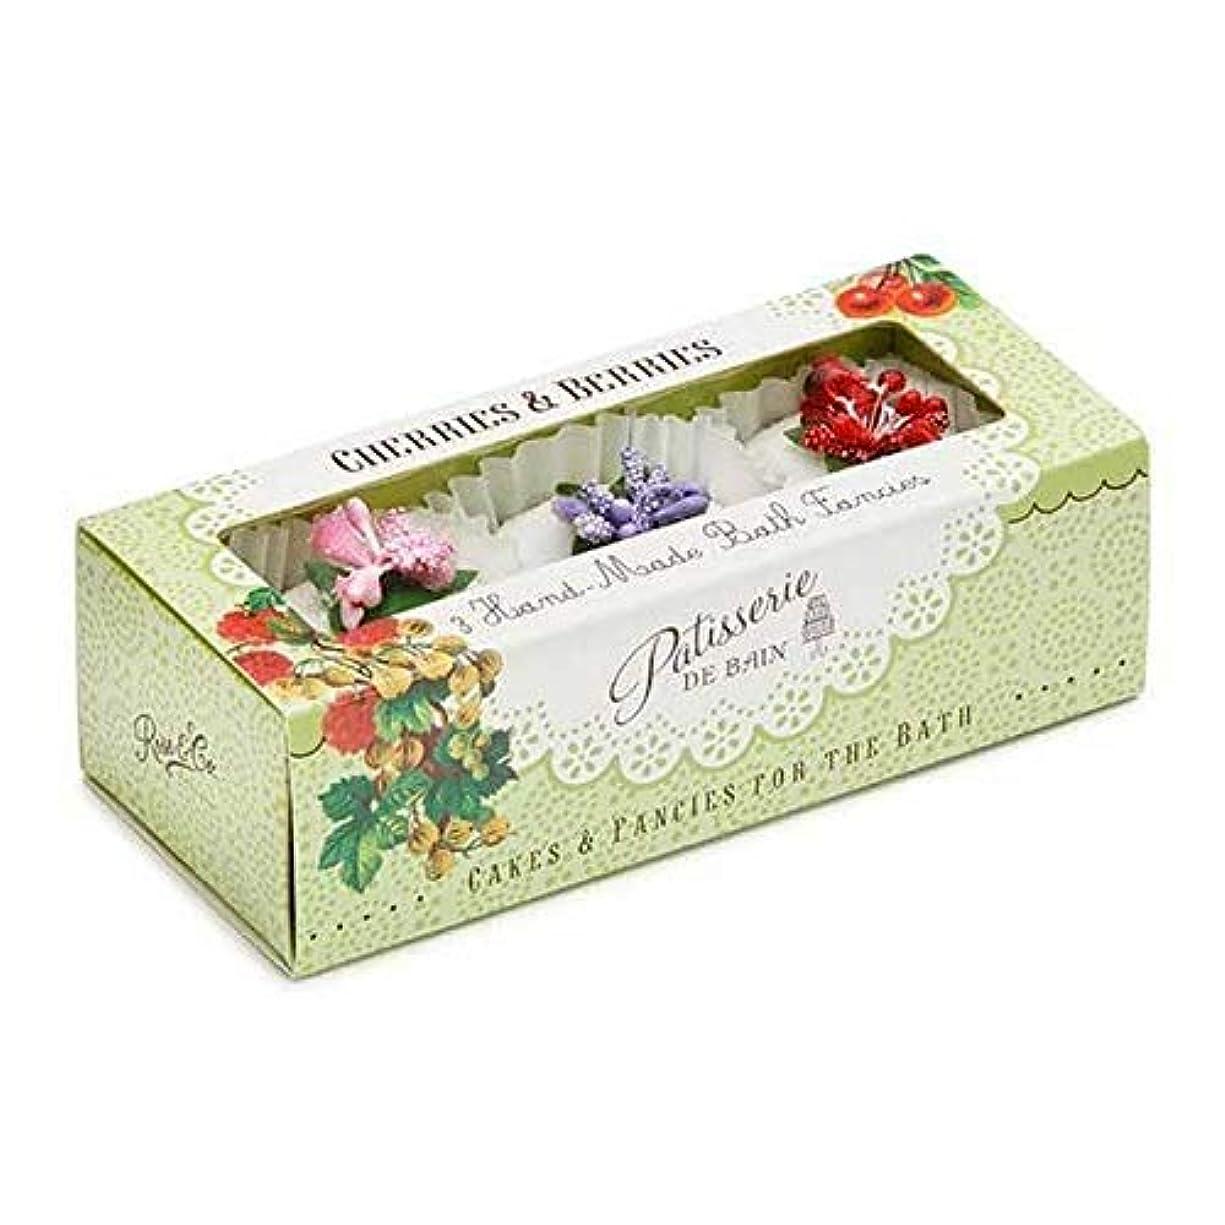 軸時々コンプライアンス[Patisserie de Bain ] パティスリー?ド?ベインチェリー&ベリー風呂は3×45グラムを溶かし - Patisserie de Bain Cherries & Berries Bath Melts 3 x 45g [並行輸入品]